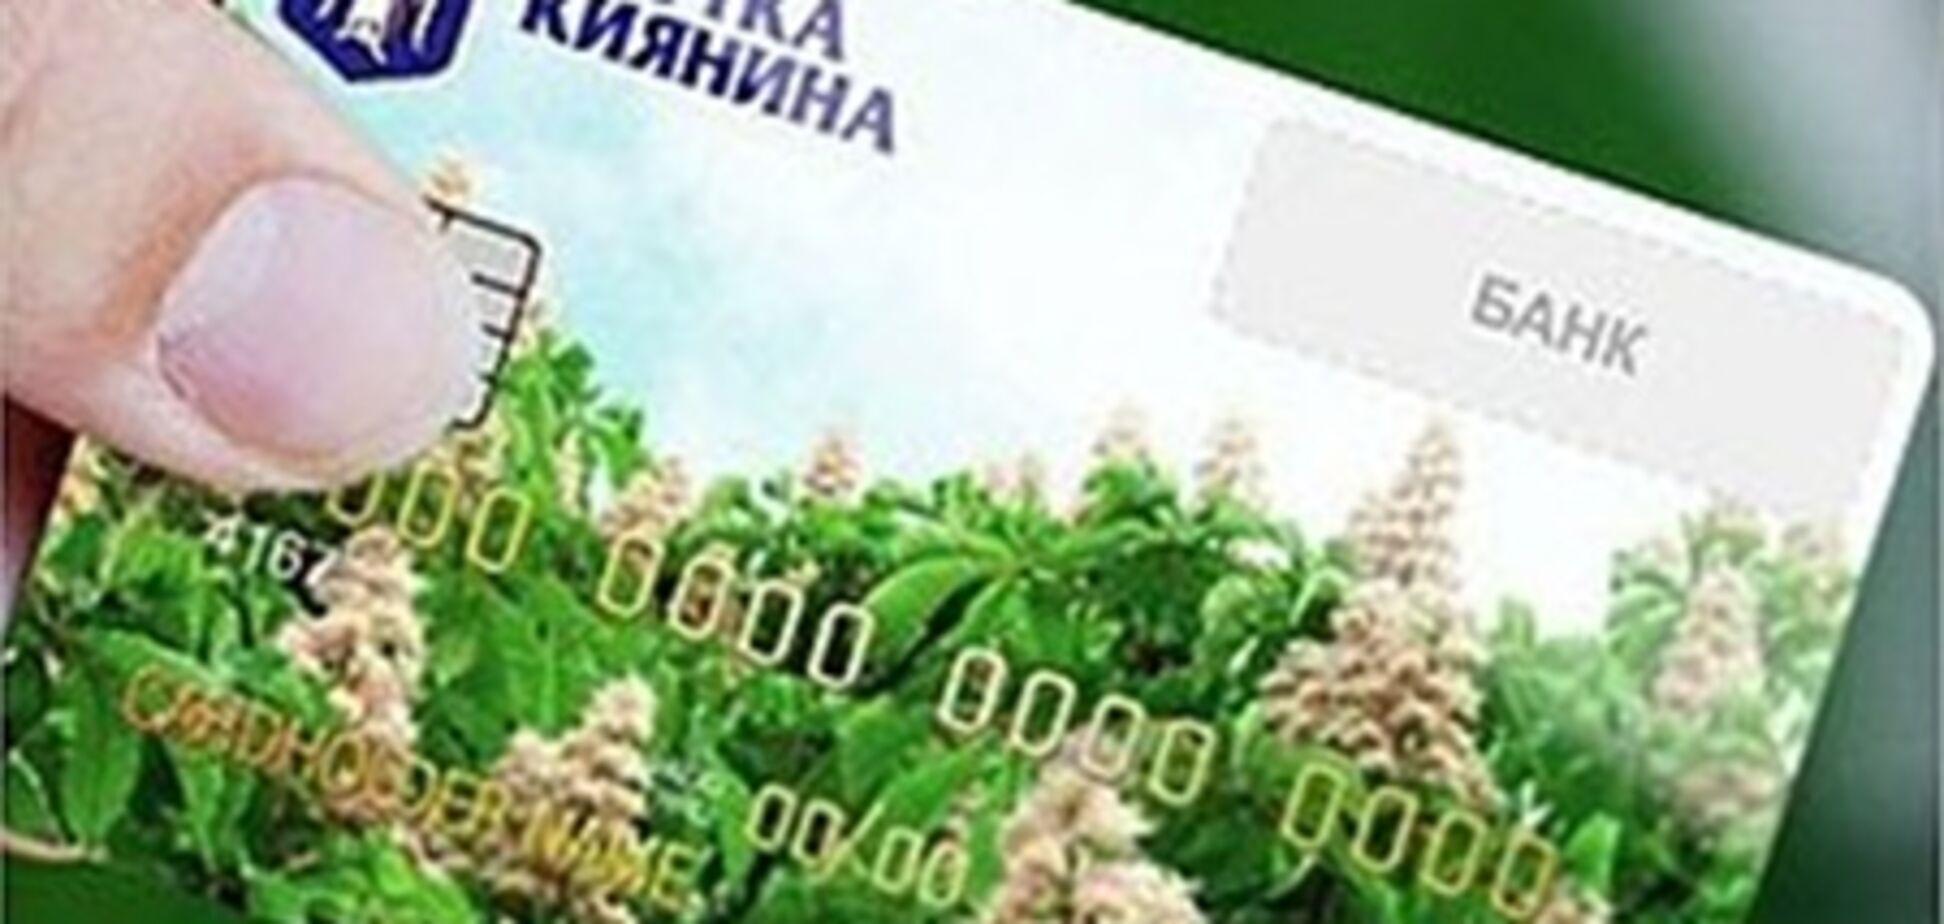 Социальную карточку Попова можно будет получить без очереди